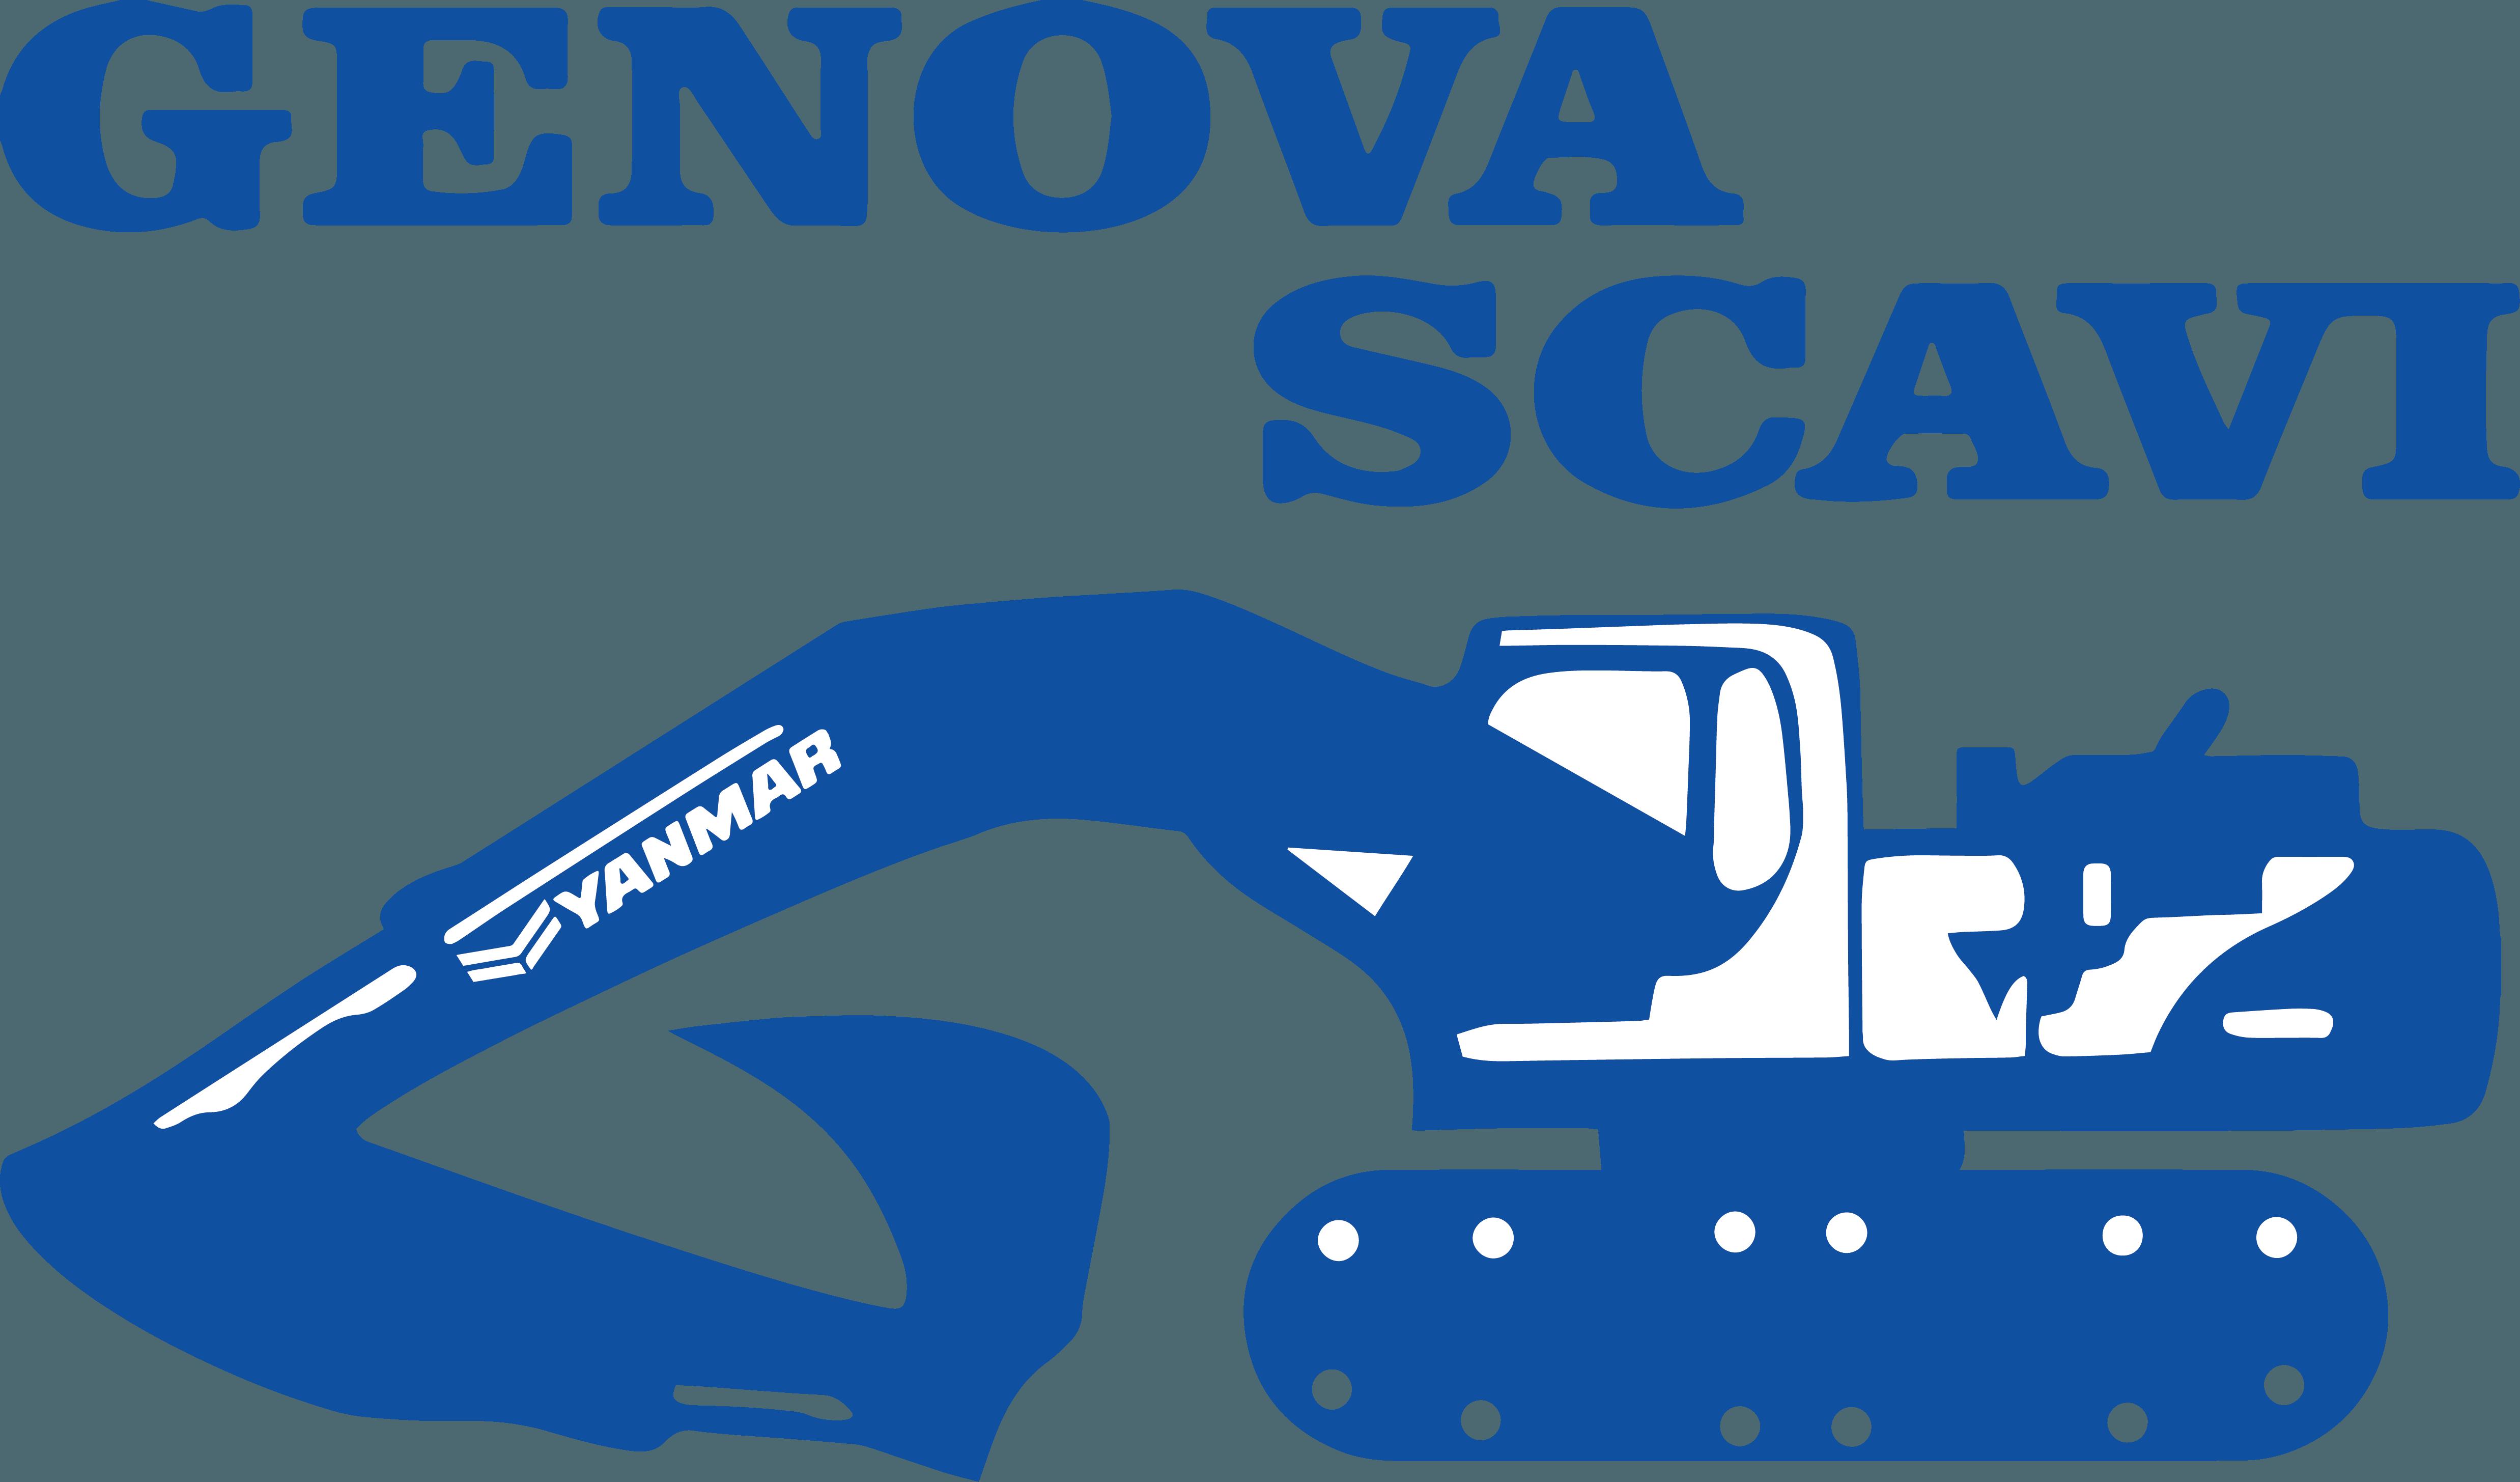 Genova Scavi